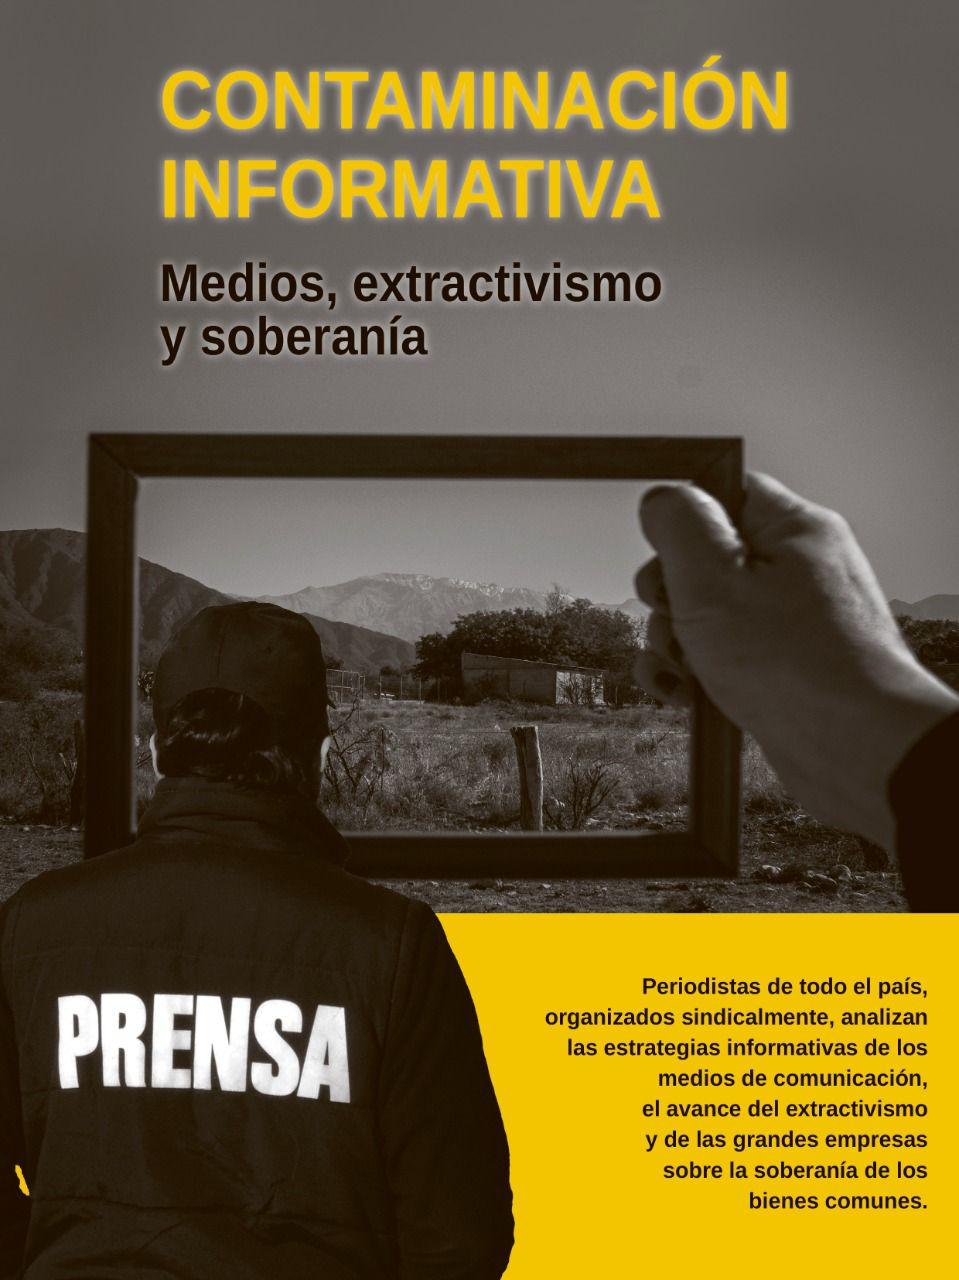 Dossier: «Contaminación Informativa: medios, extractivismo y soberanía»